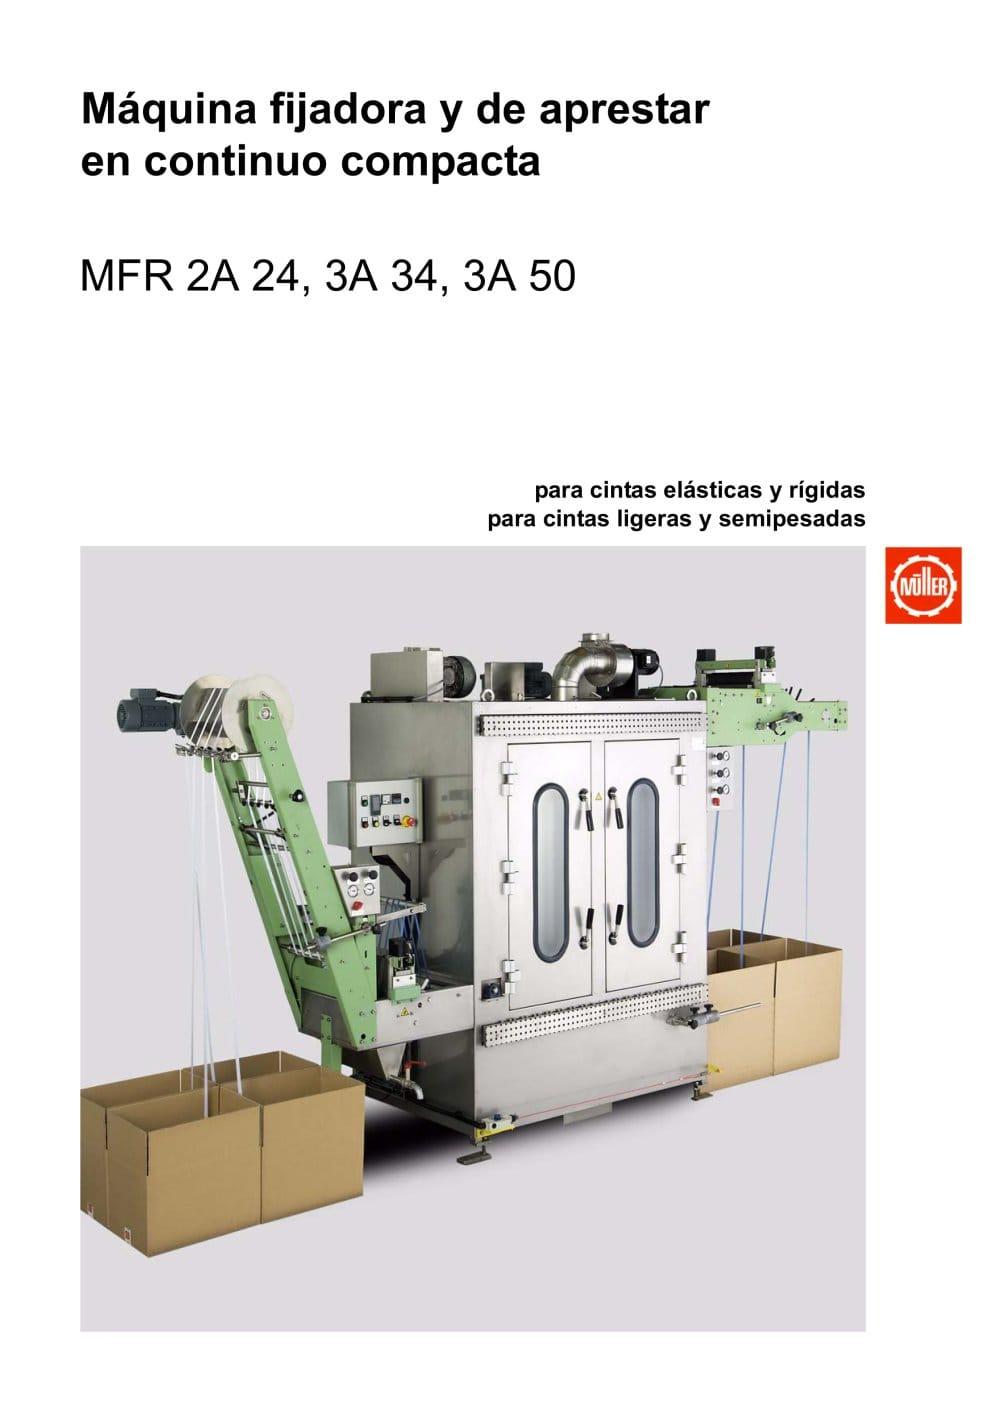 MFR...A – Máquina compacta de fijación y de apresto a la continua ...